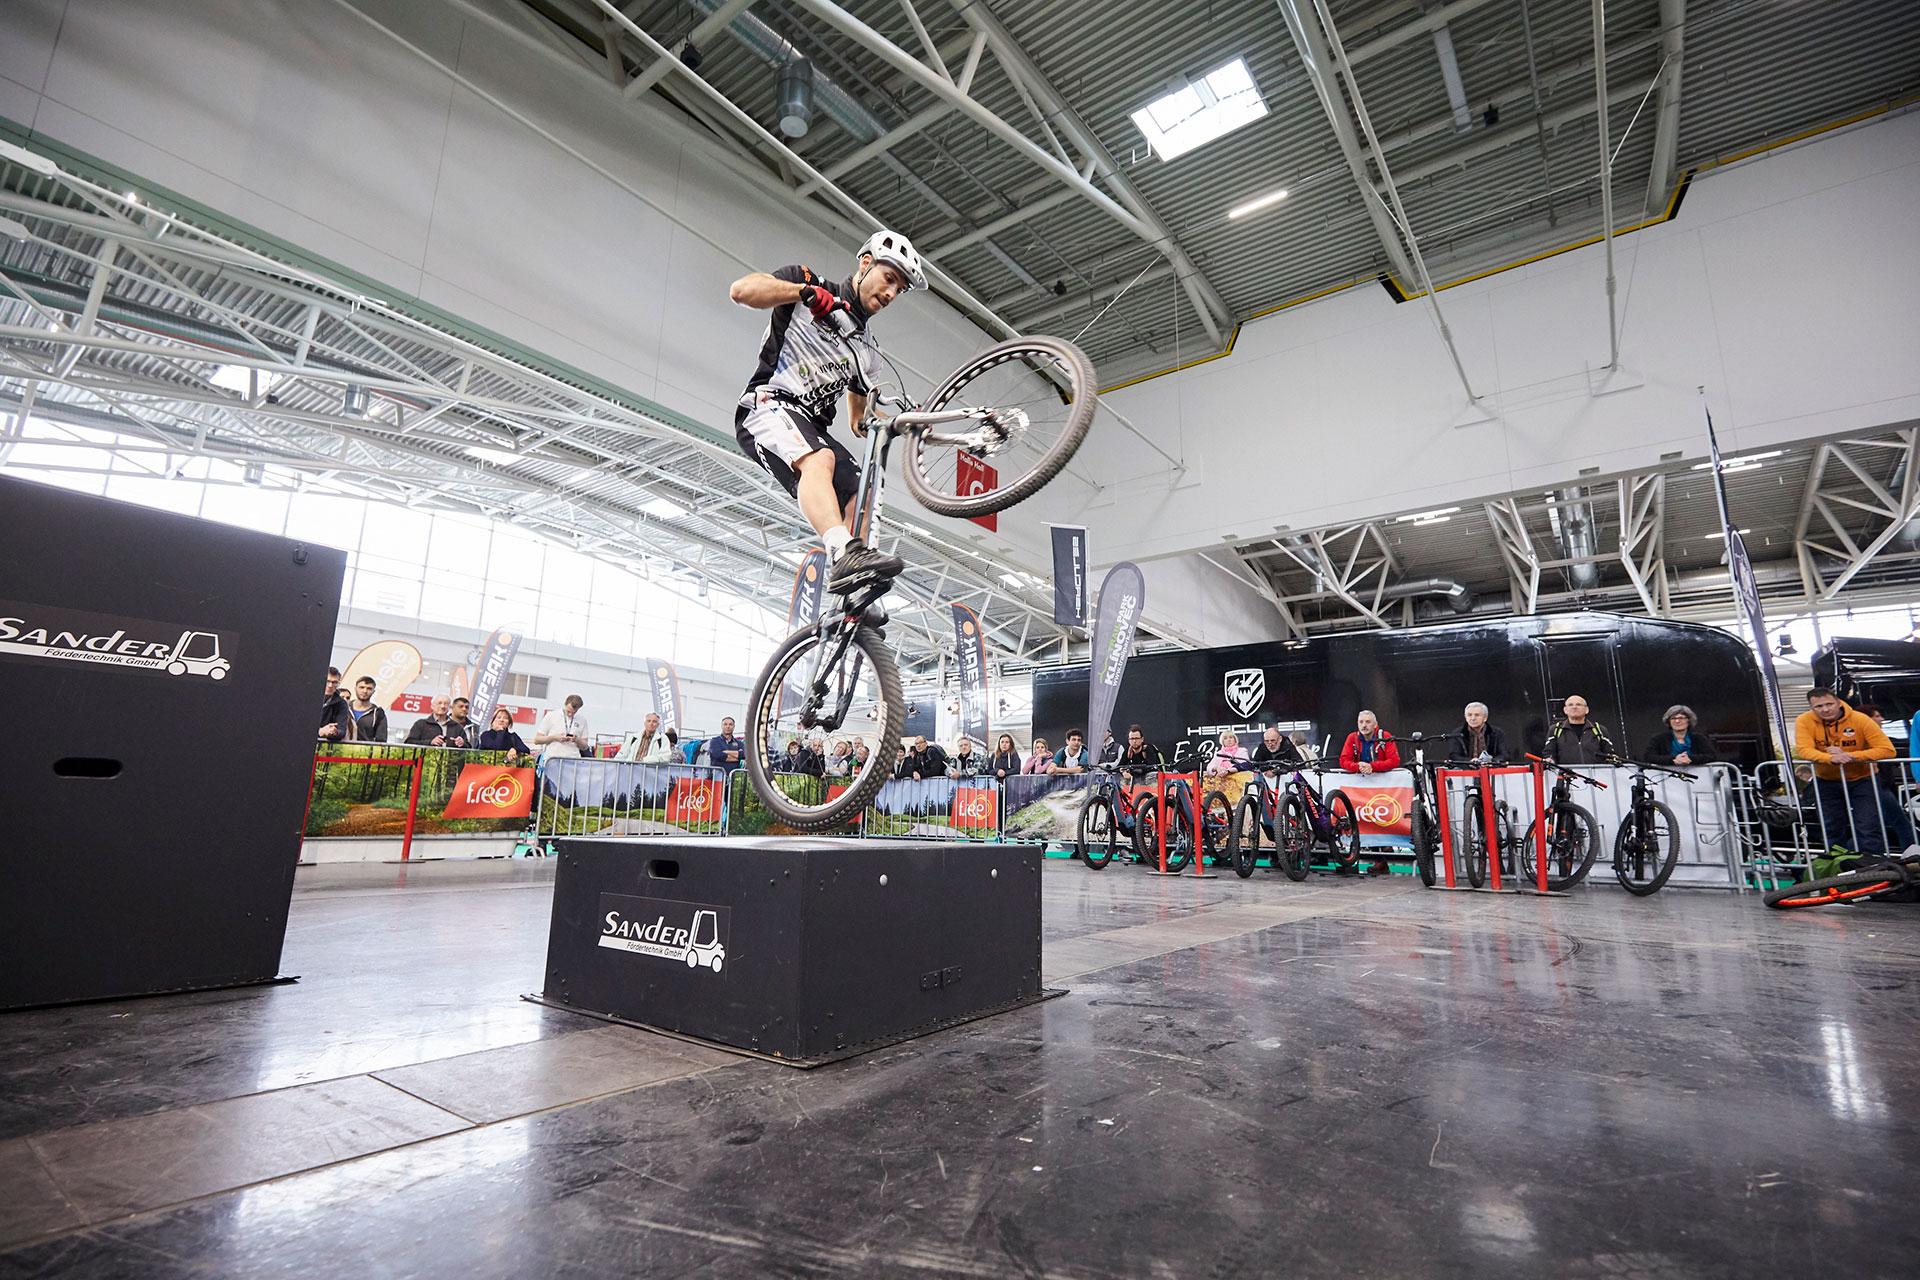 Action pur bei der täglichen Trial-Bike Show in Halle C6